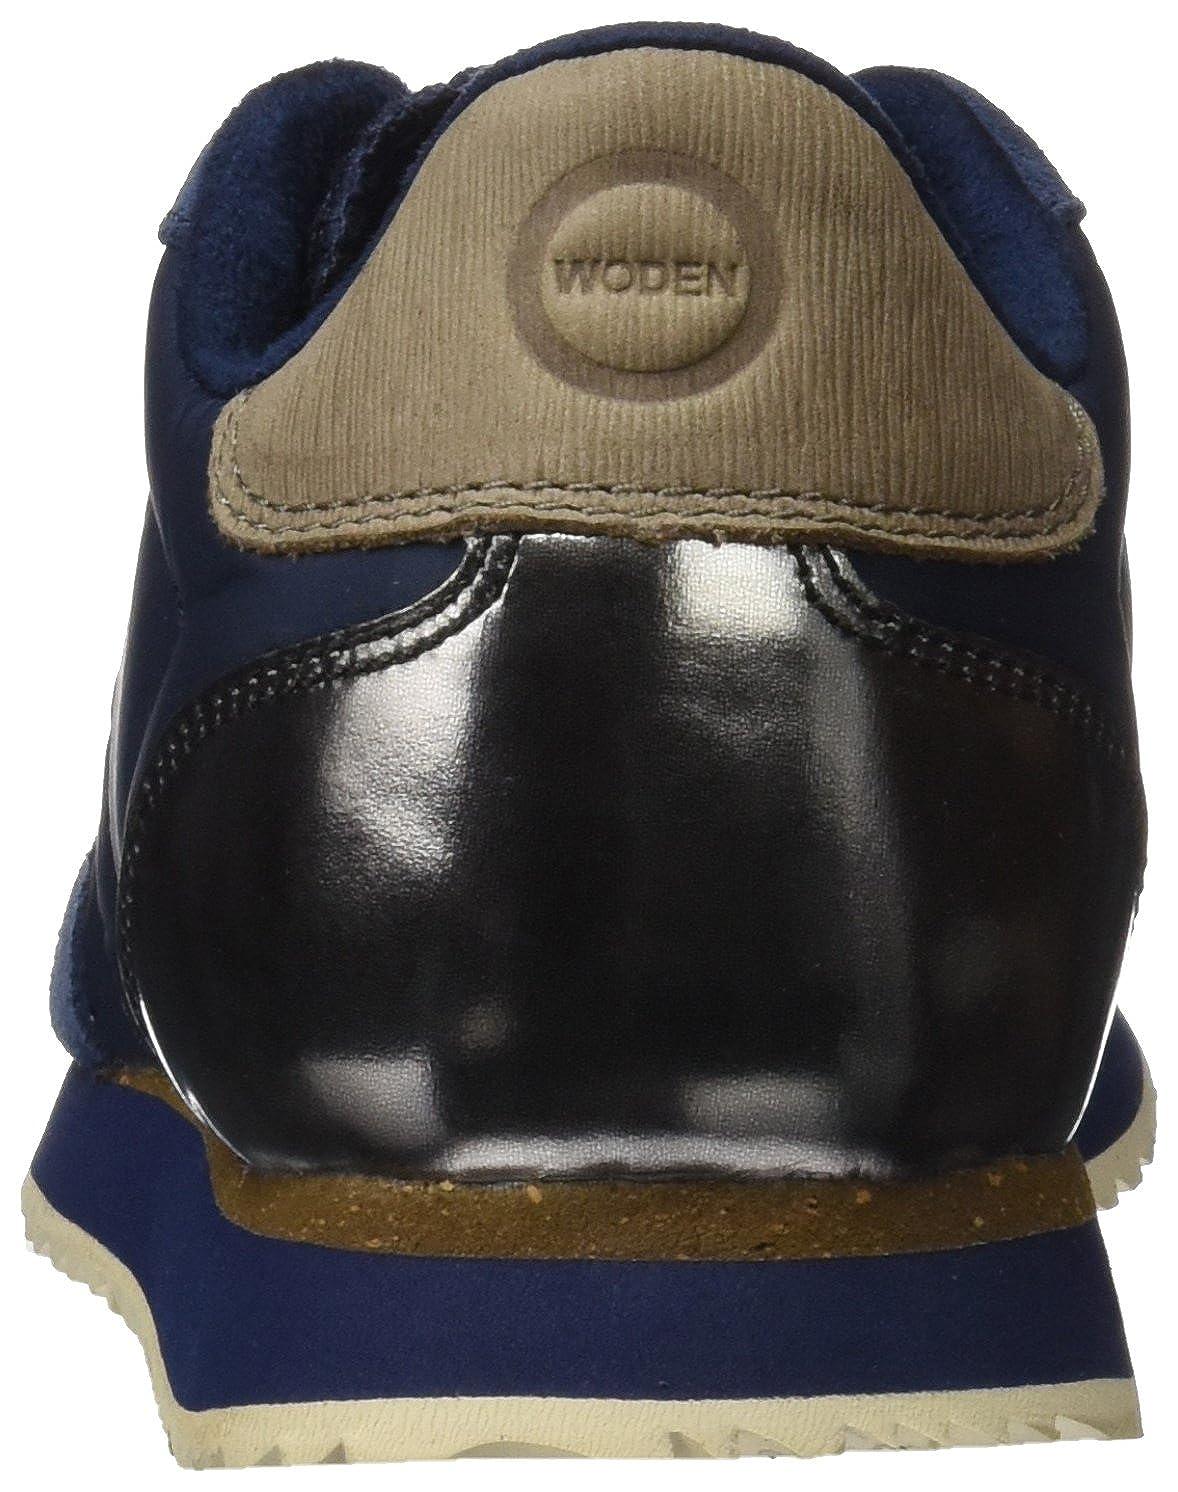 Woden Nora Damen Nora Woden Ii Sneaker, Rosa Blau (Navy 010) c4b050